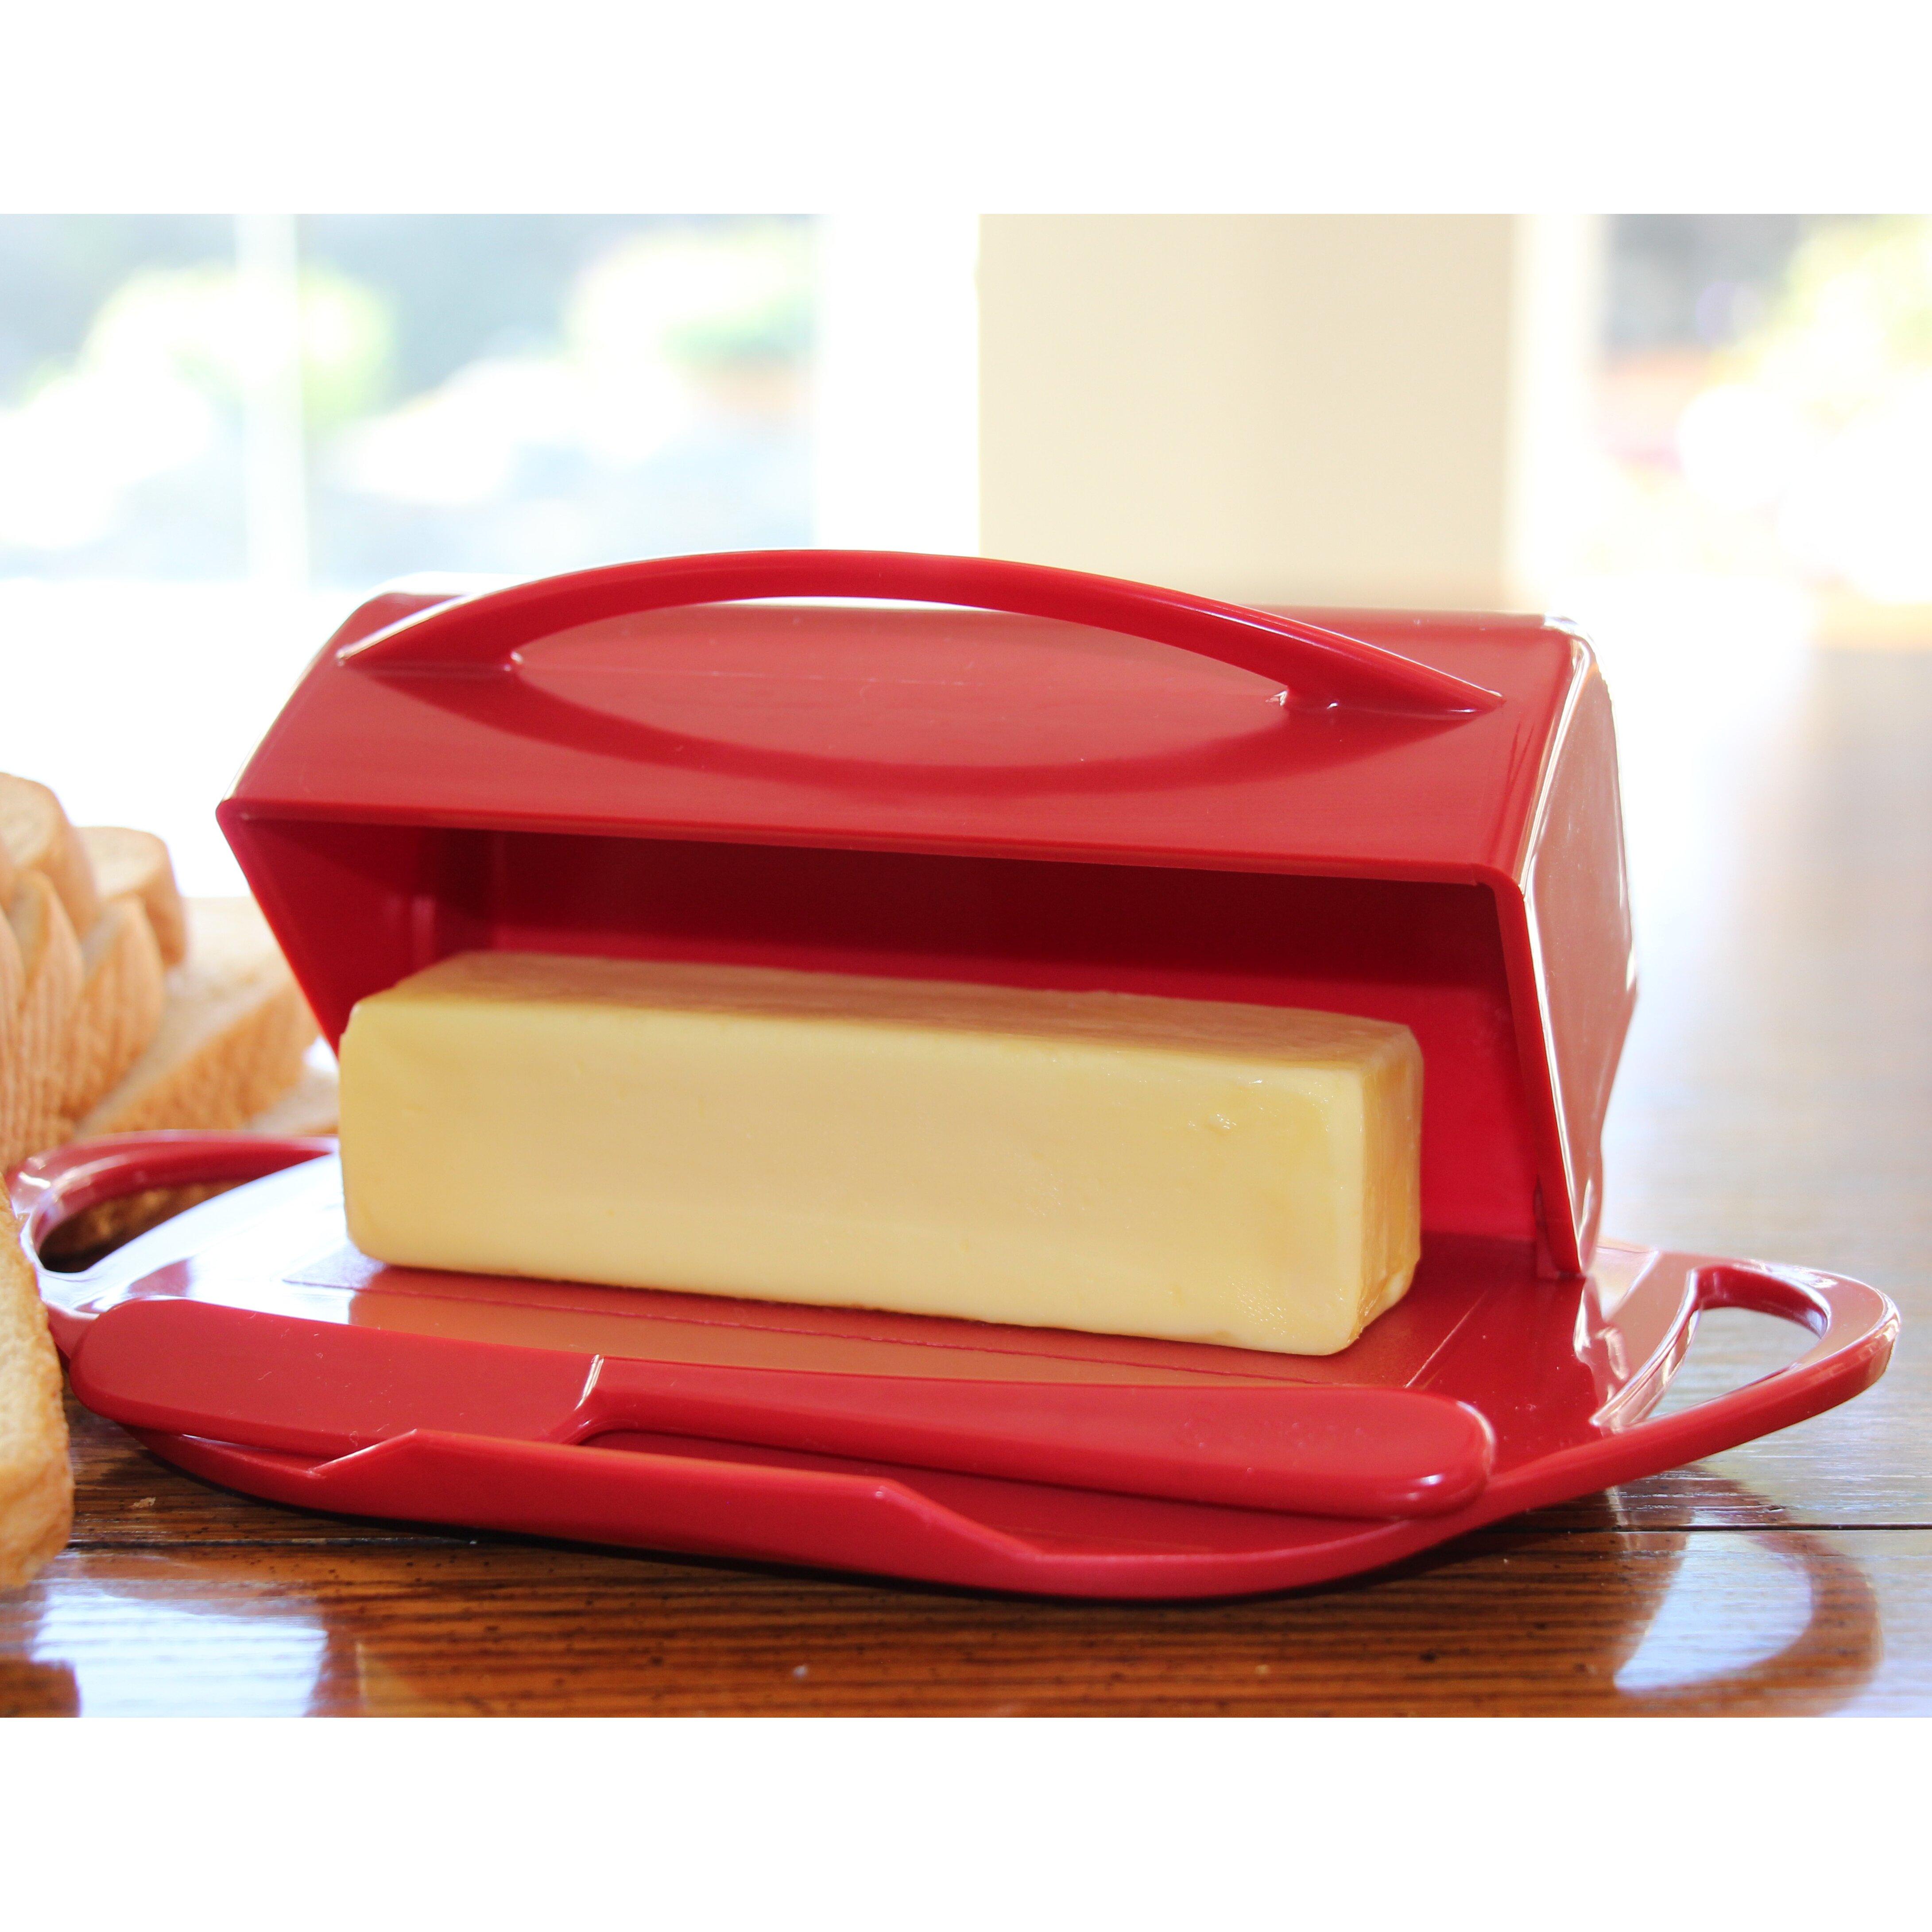 Butterie Flip Top Butter Dish Amp Reviews Wayfair